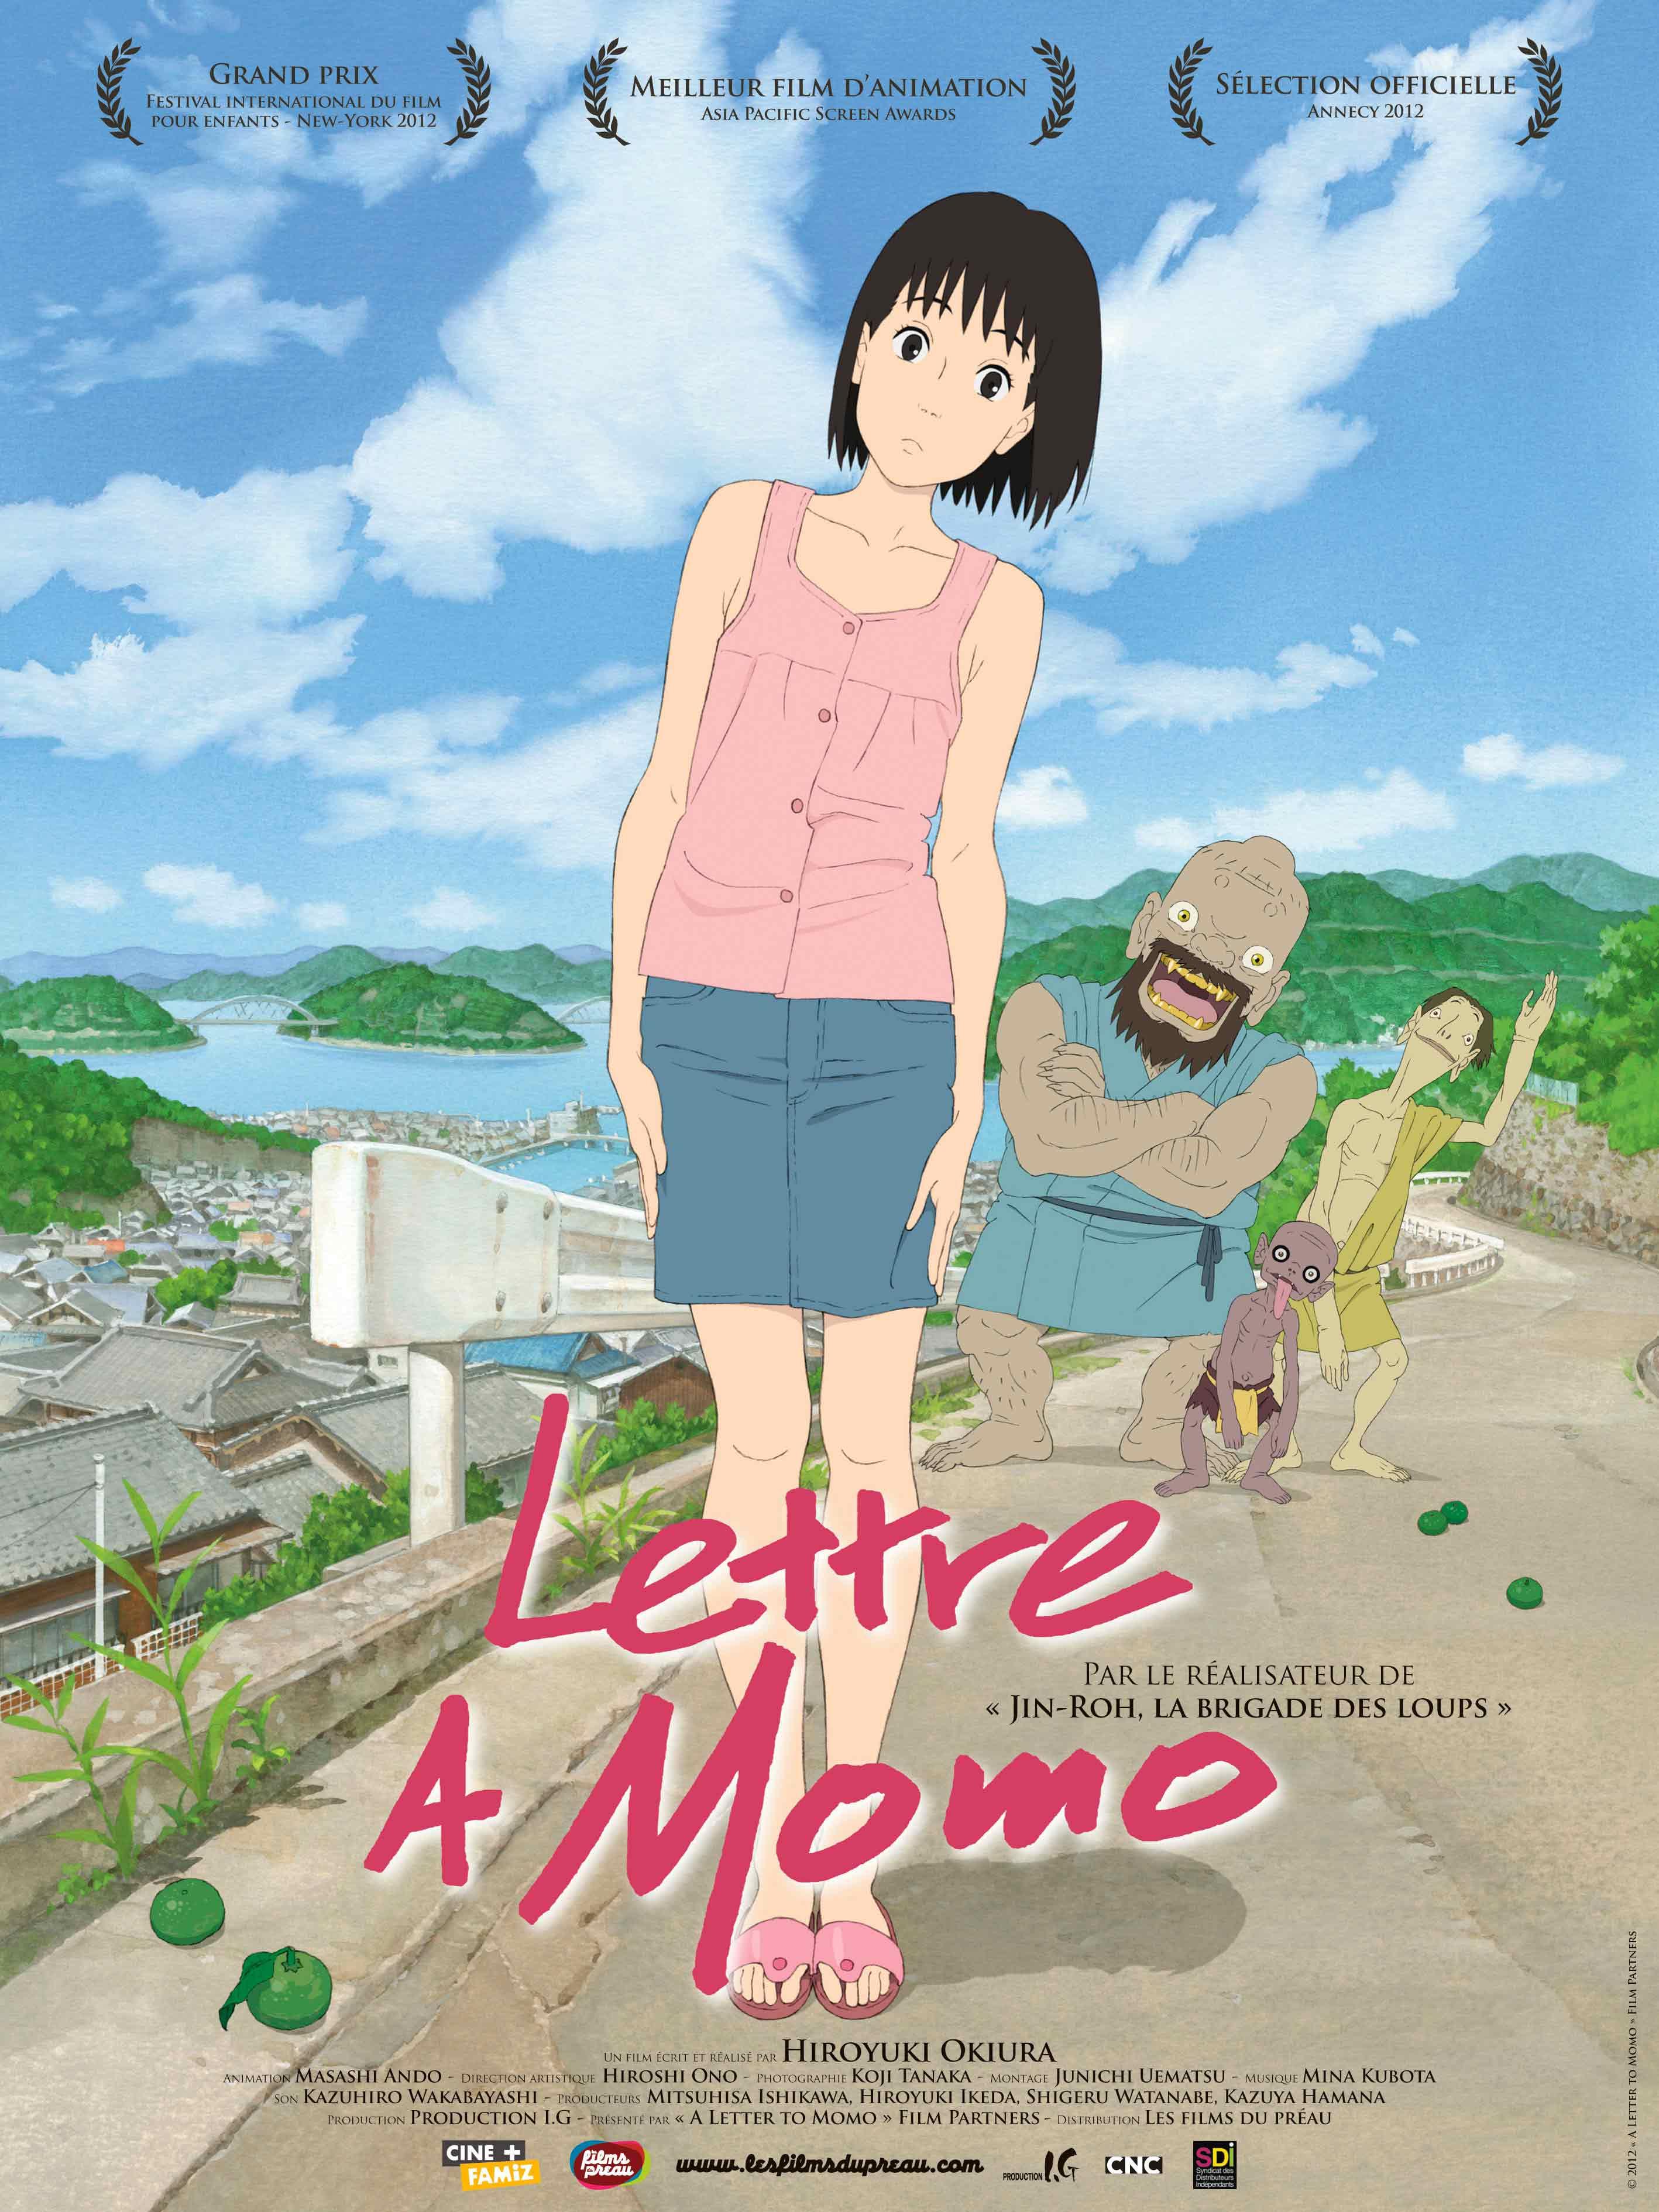 affiche du film Lettre à Momo